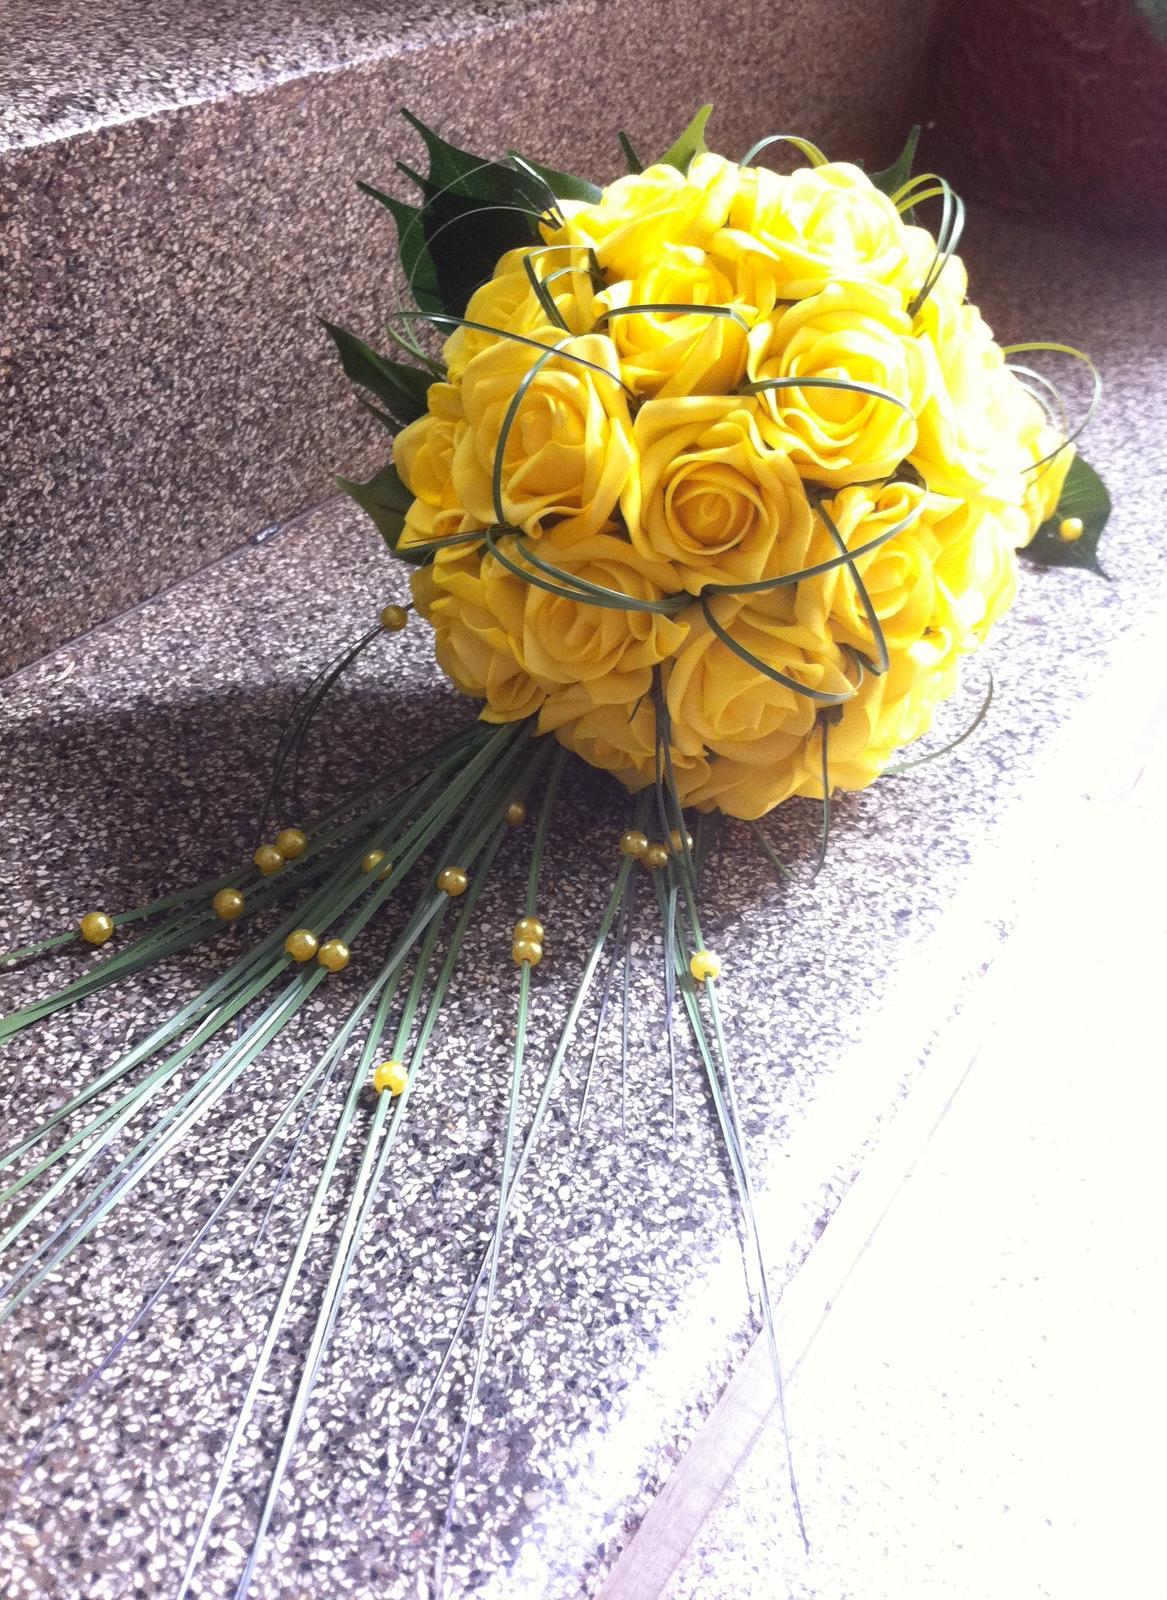 Netradiční svatební kytice - pěnové růžičky + polštářky pod prstýnky, košíčky - Obrázek č. 71